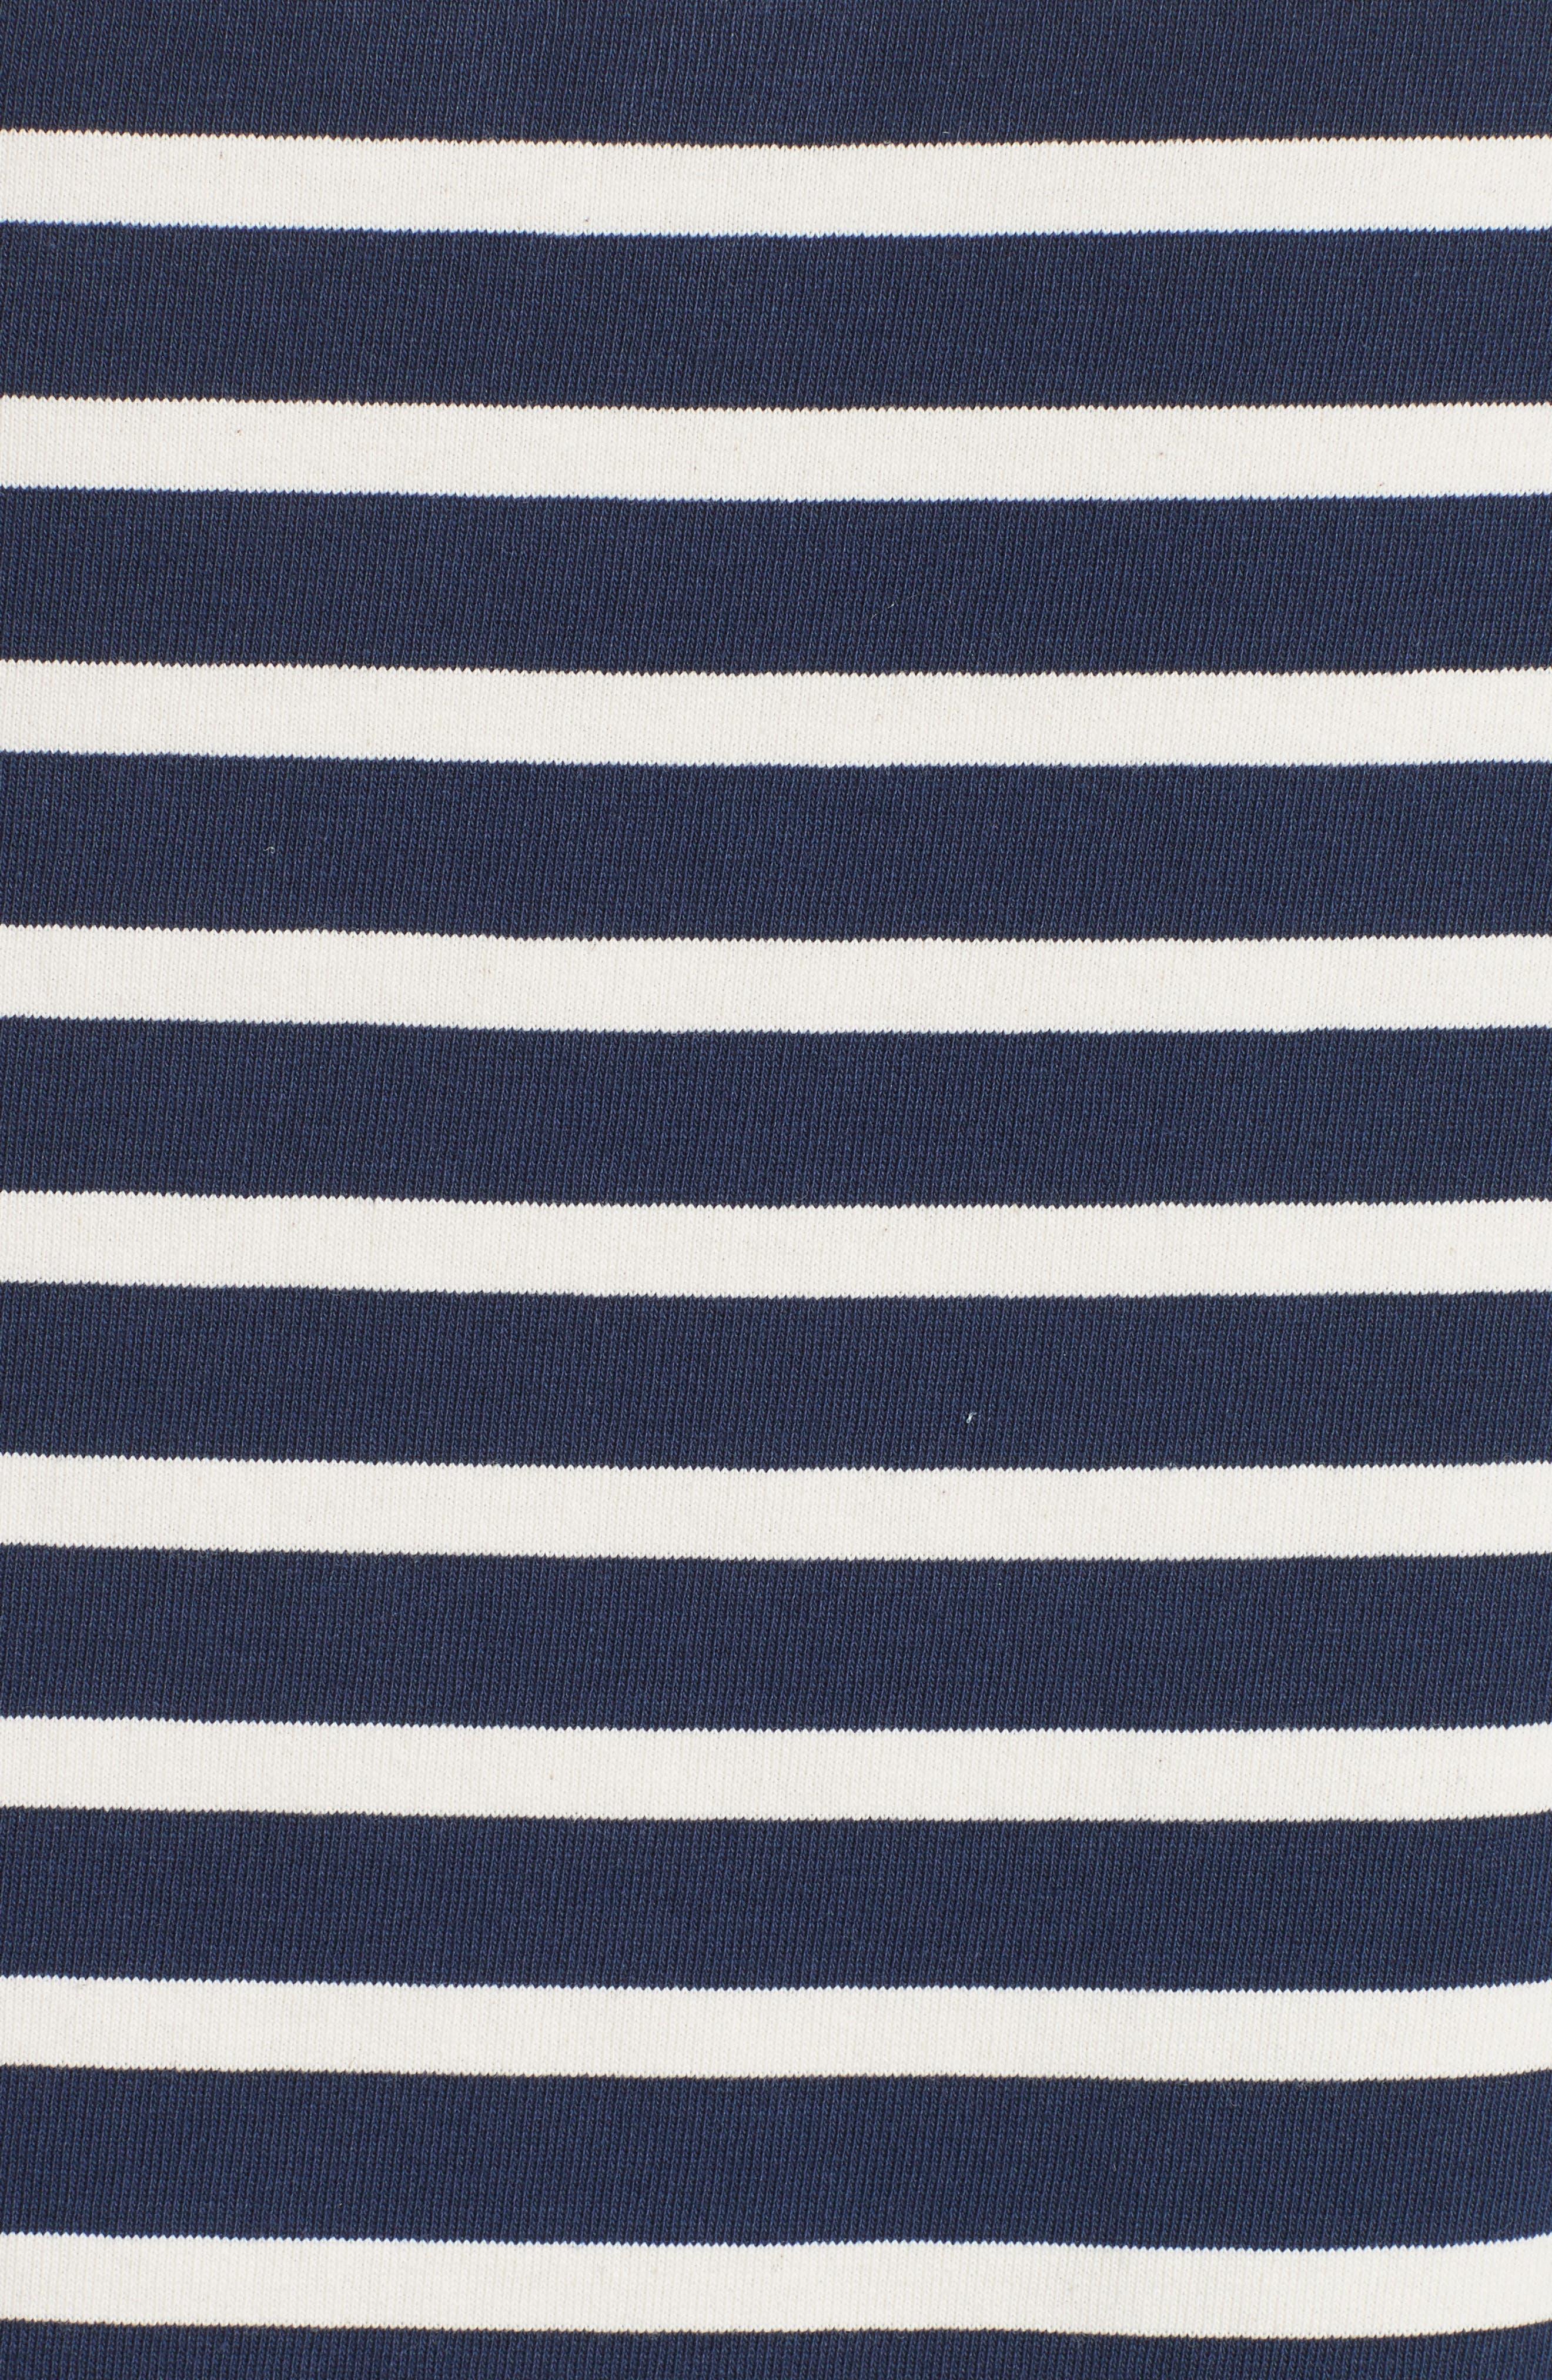 Reverse Breton Stripe Dress,                             Alternate thumbnail 6, color,                             437